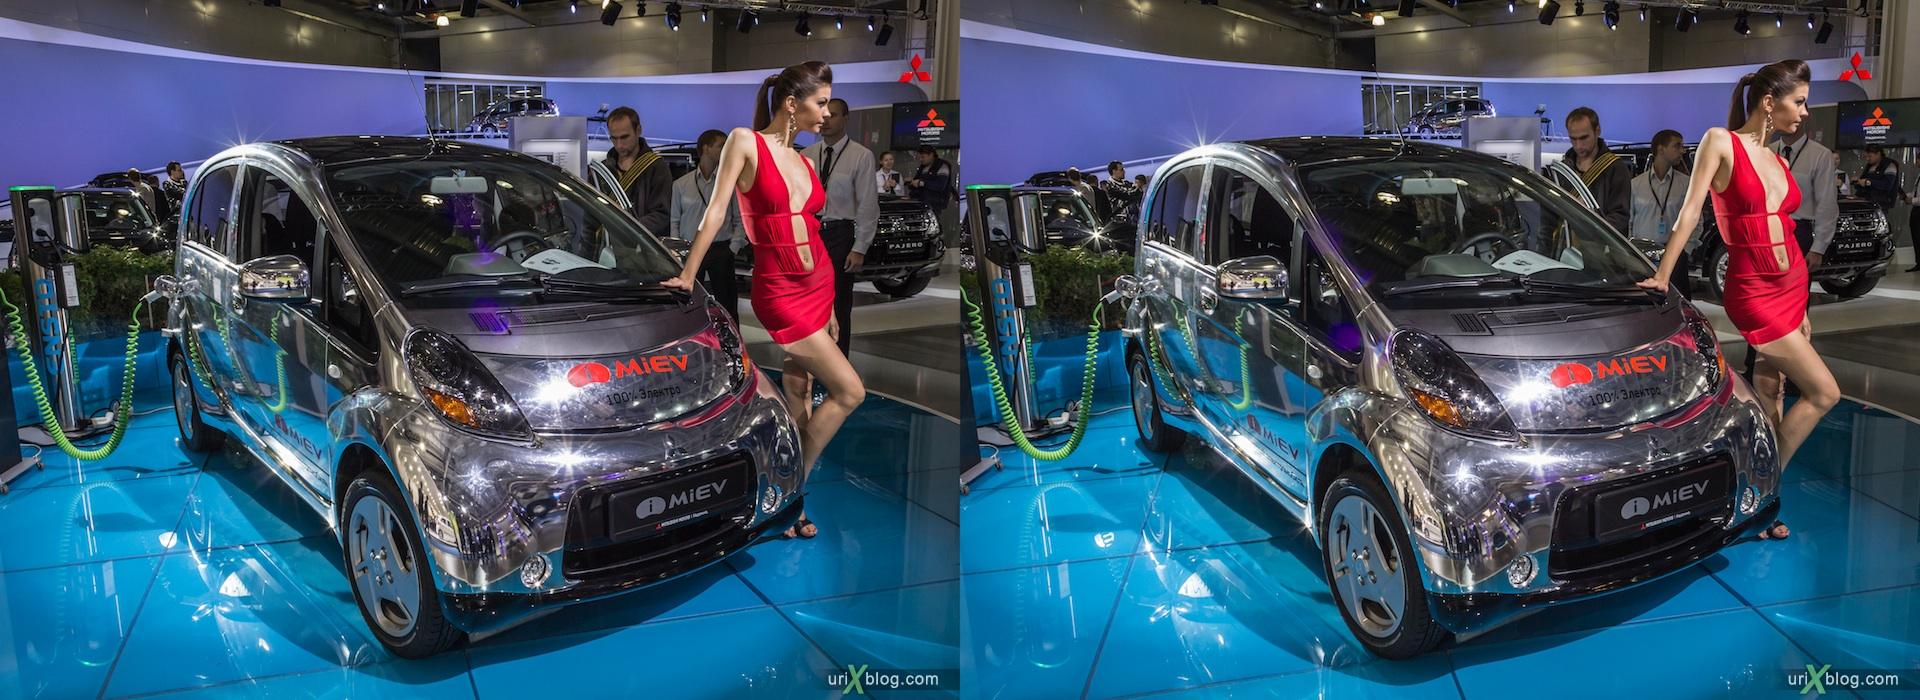 2012, i-Miev electro, девушка, модель, Московский международный автомобильный салон, ММАС, Крокус Экспо, 3D, стереопара